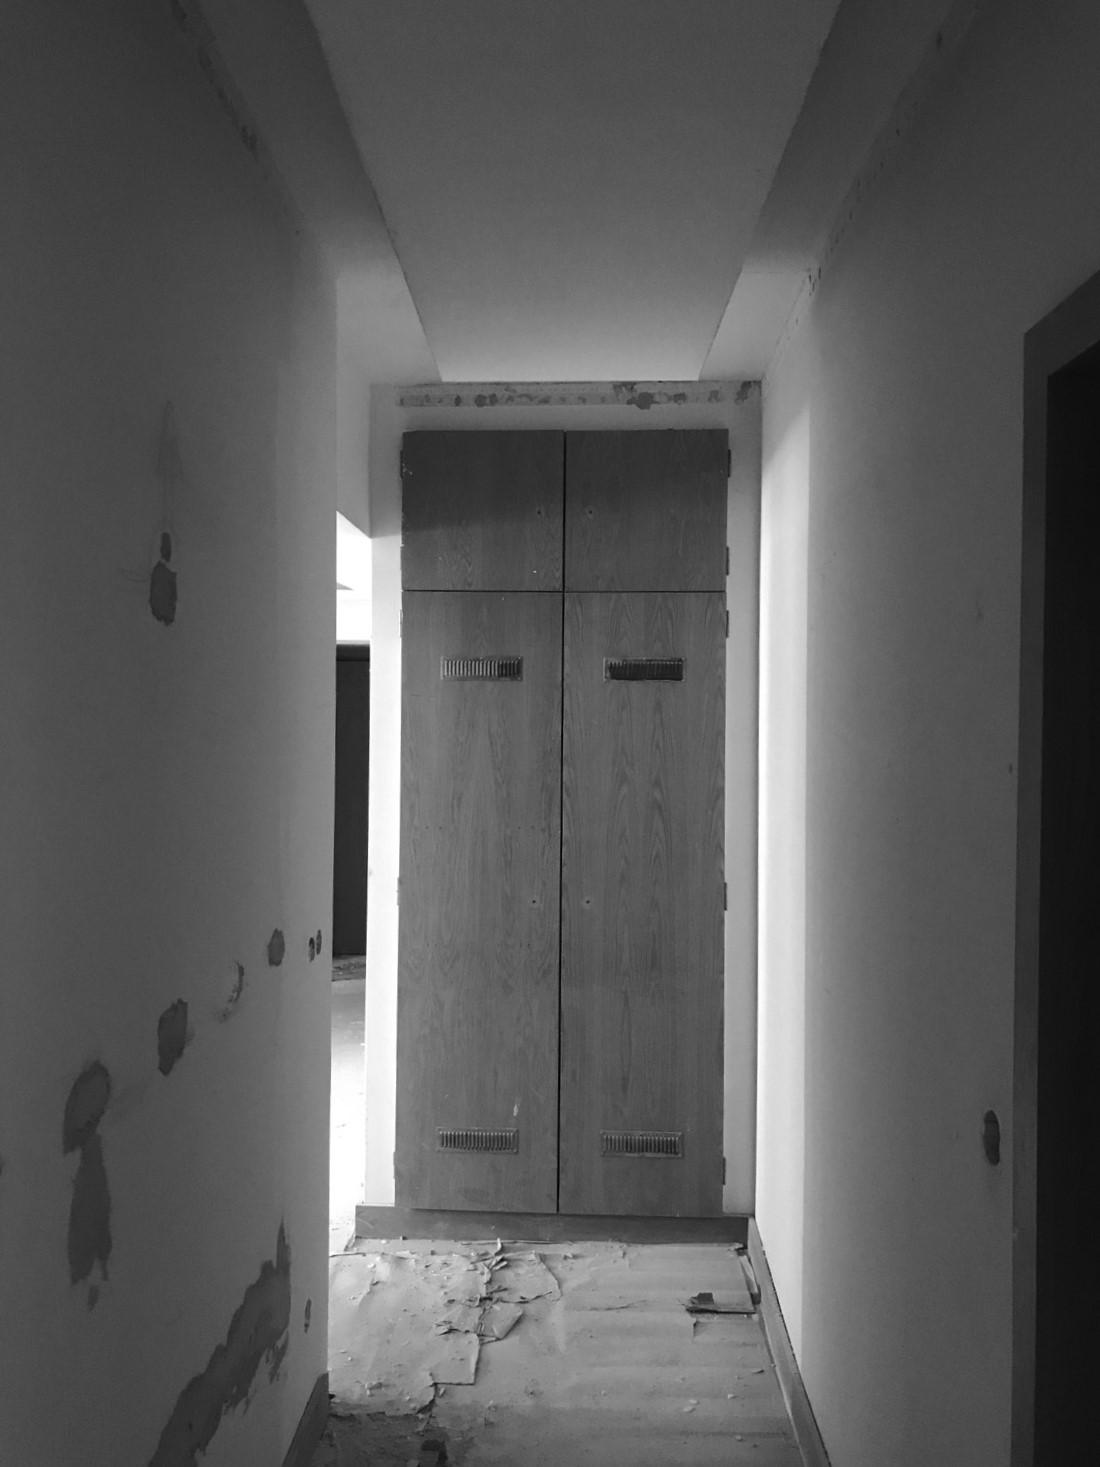 Apartamento Azul Farol - Porto - EVA evolutionary architecture - EVA atelier - Arquitecto - Remodelação (9).jpg